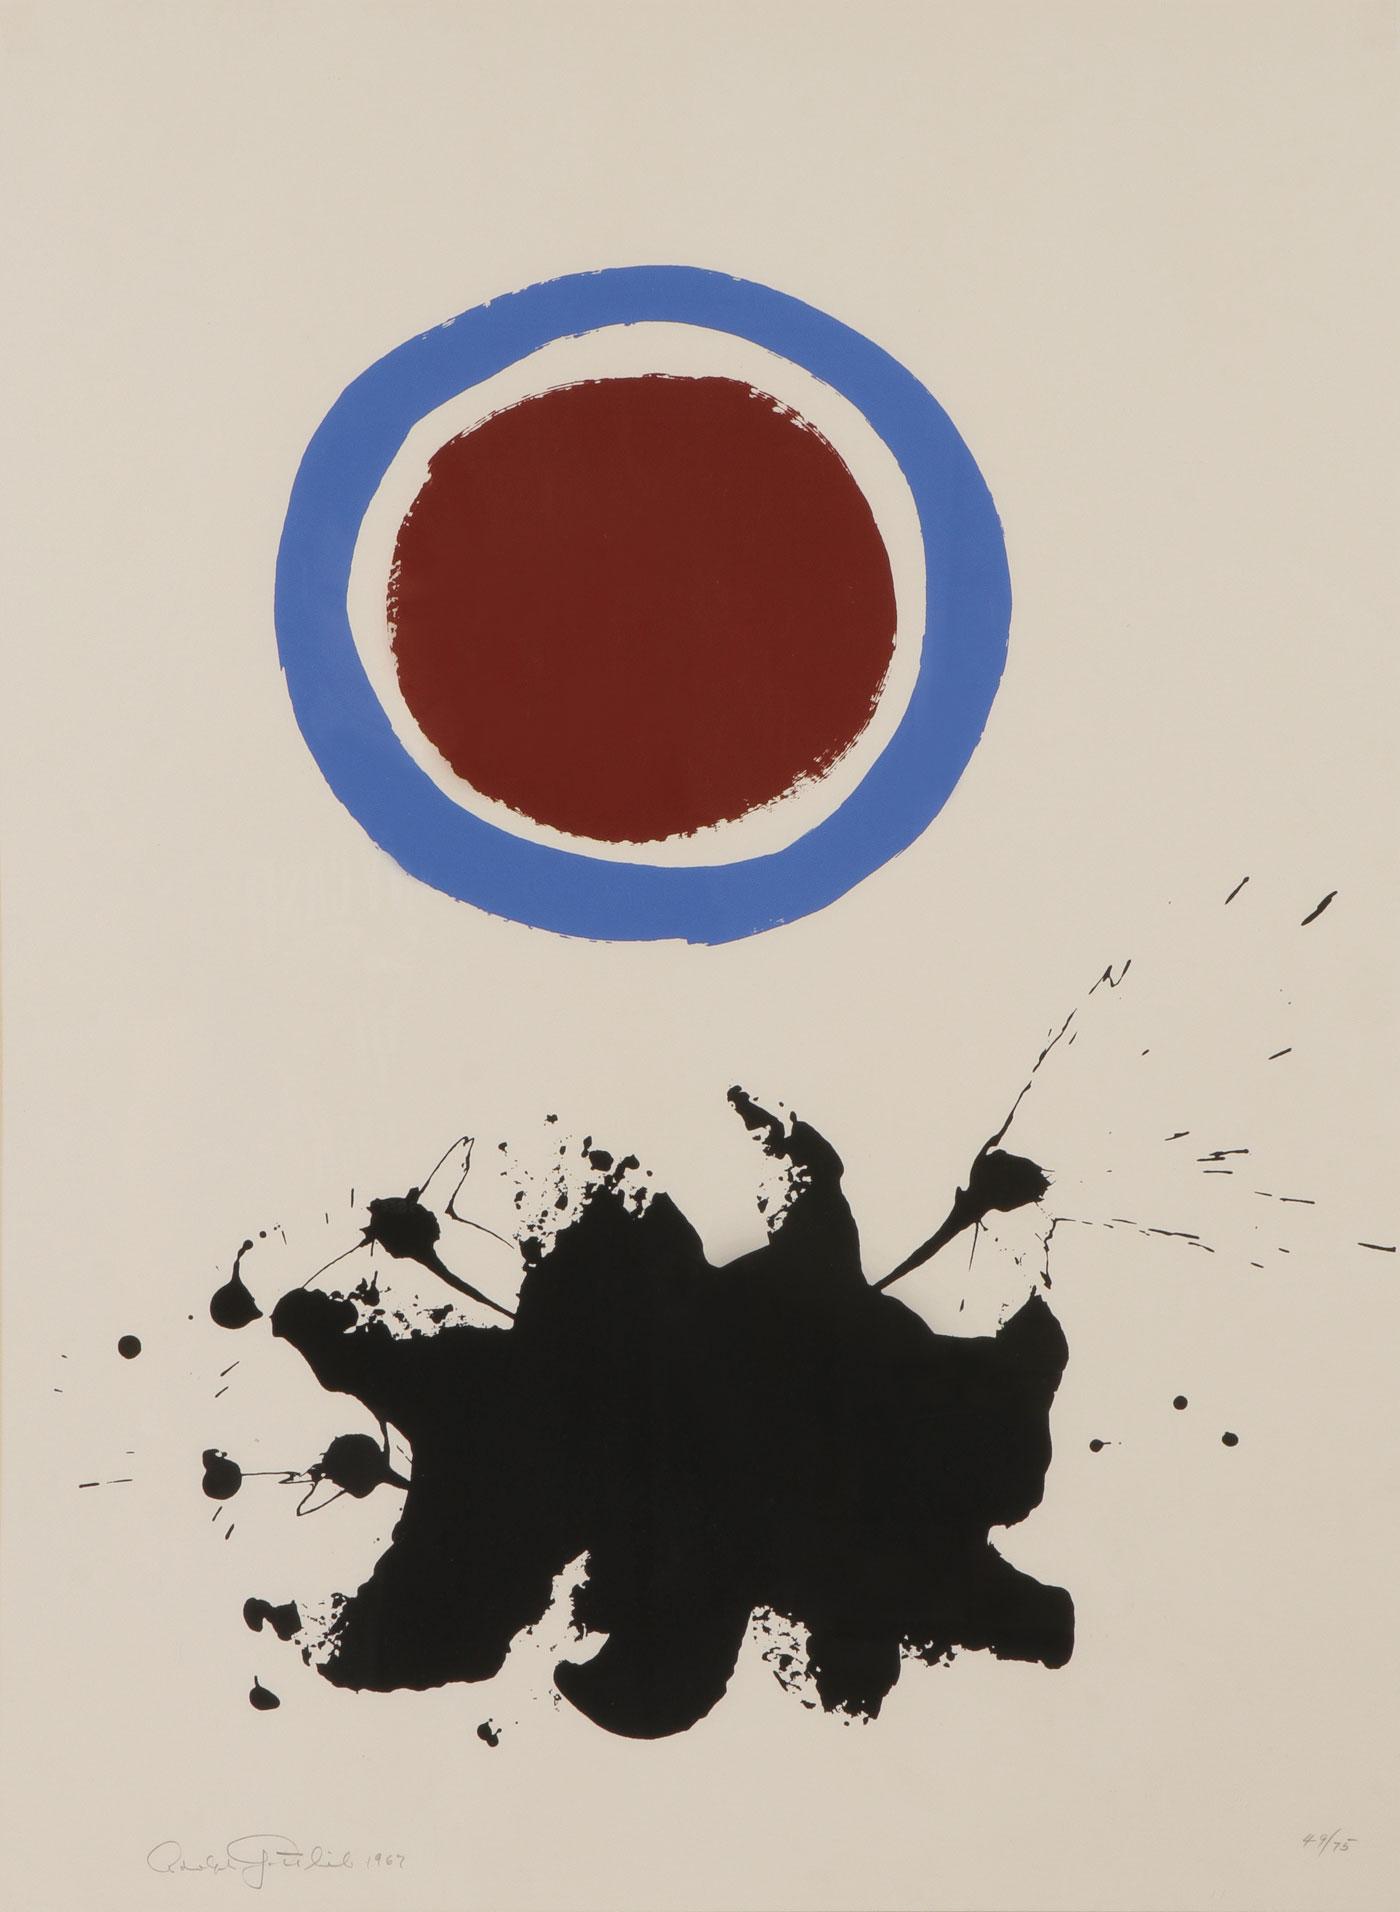 Blue Halo by Adolph Gottlieb